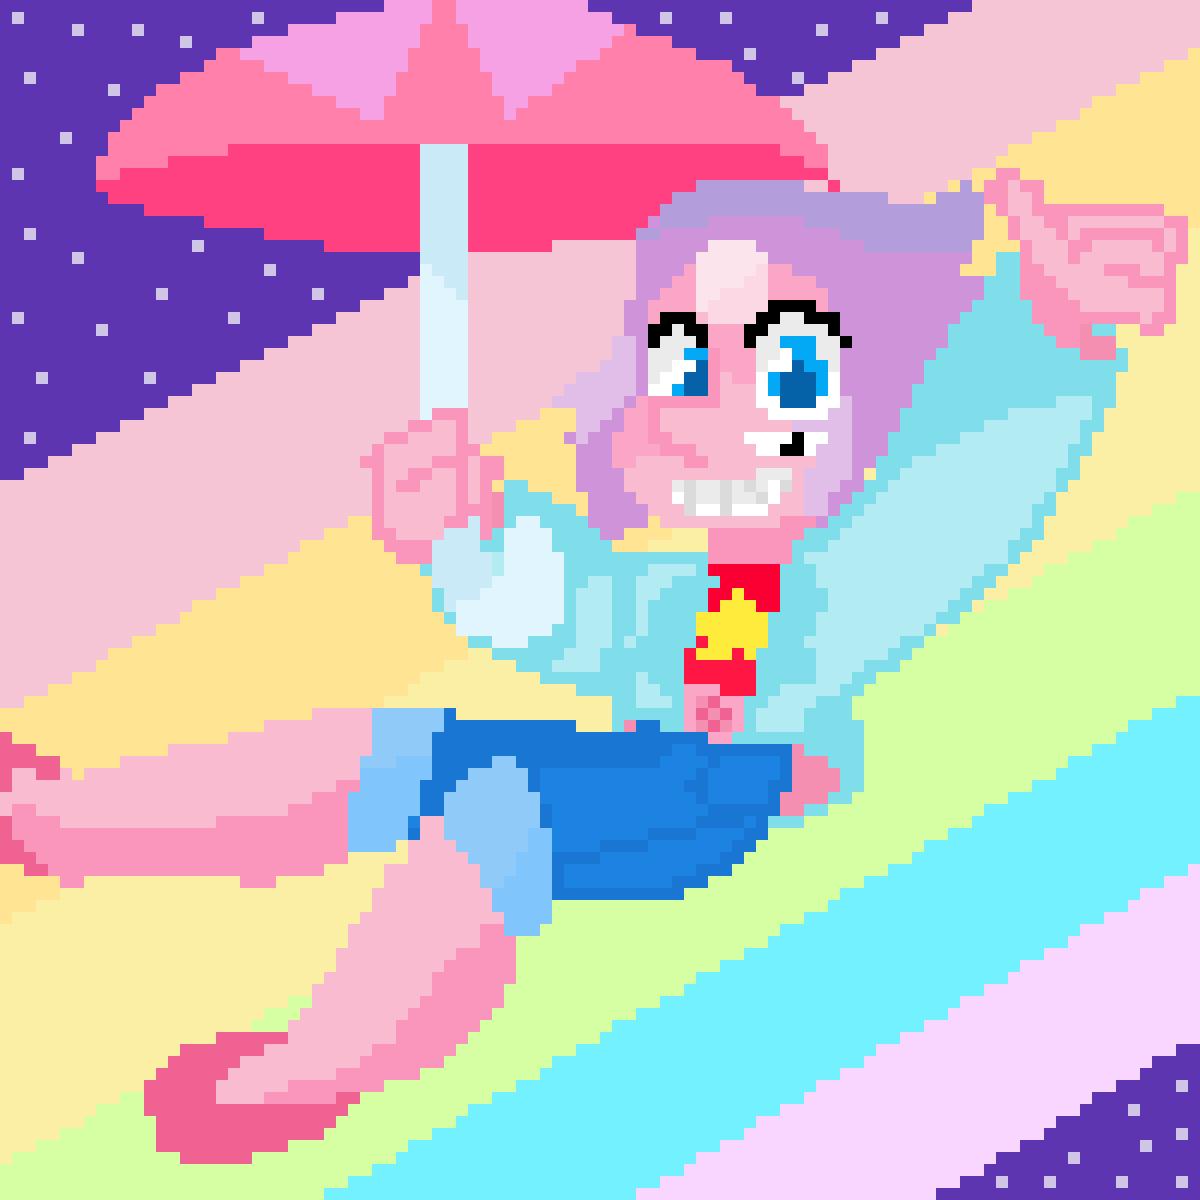 main-image-Rainbow Quartz 2.0  by Pixilpencil